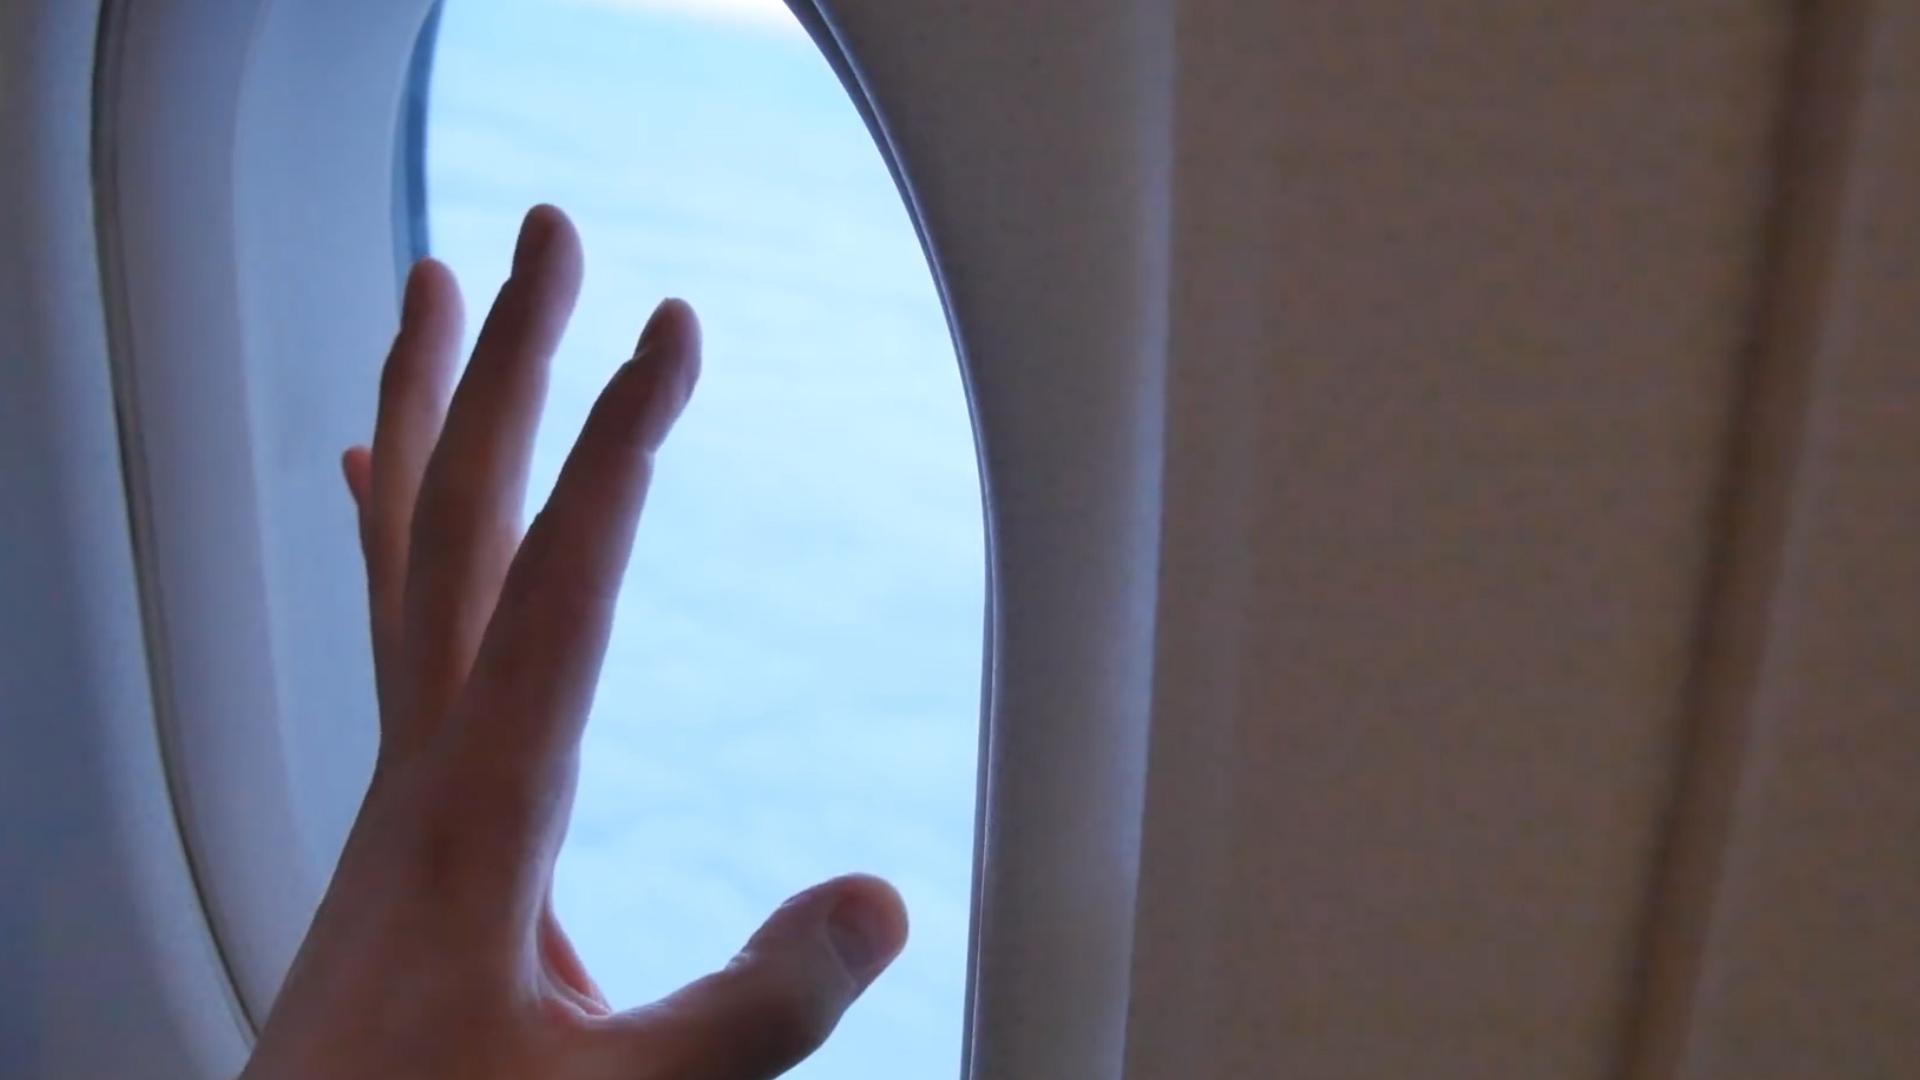 飞机窗户上的这个小洞,你知道是做什么的吗?